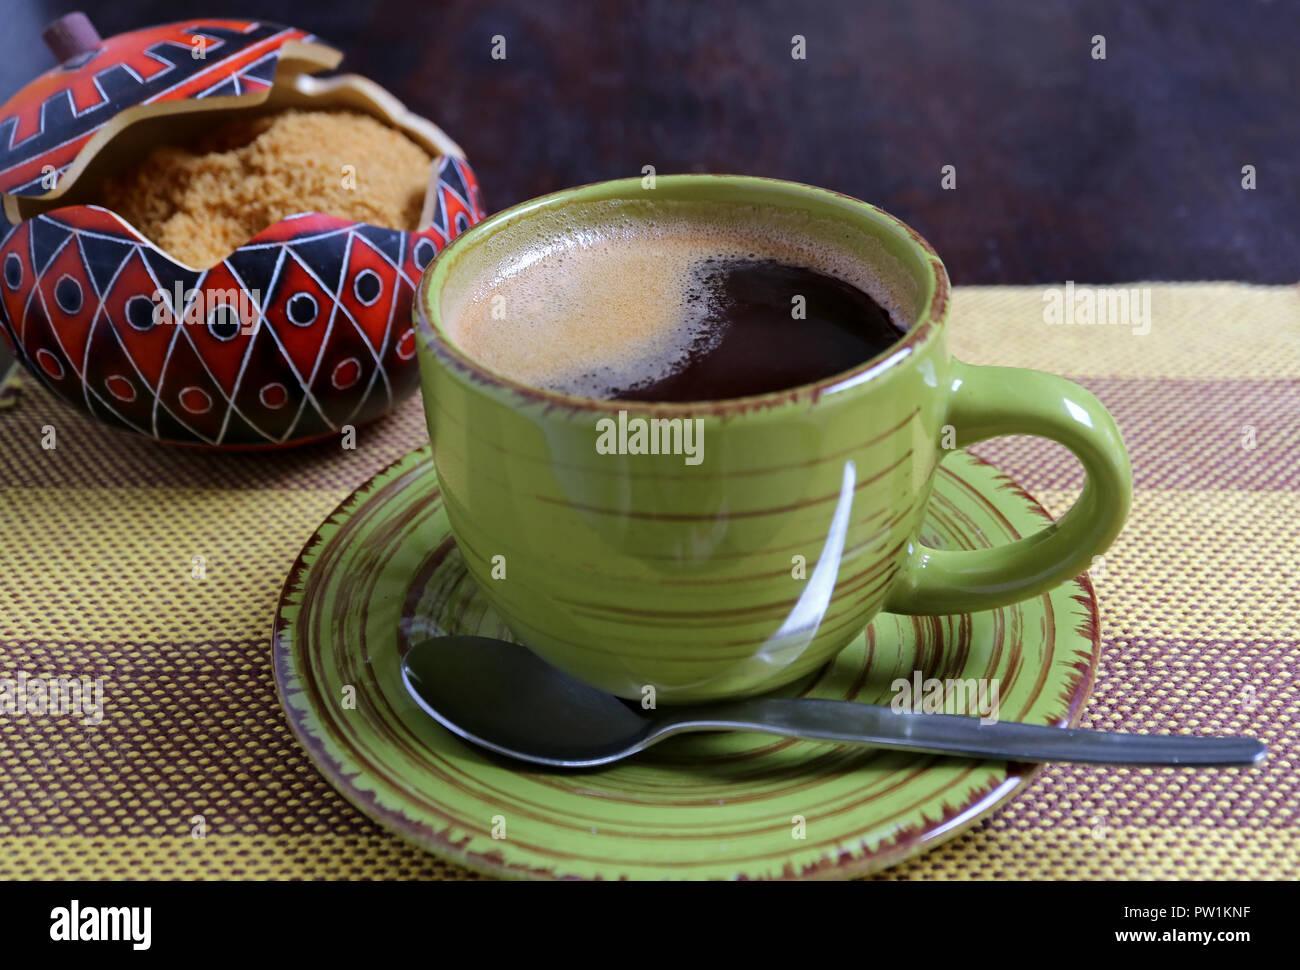 Café caliente en una taza verde con azúcar borrosa olla de azúcar moreno en el fondo sirvió en rayas un mantel. Imagen De Stock